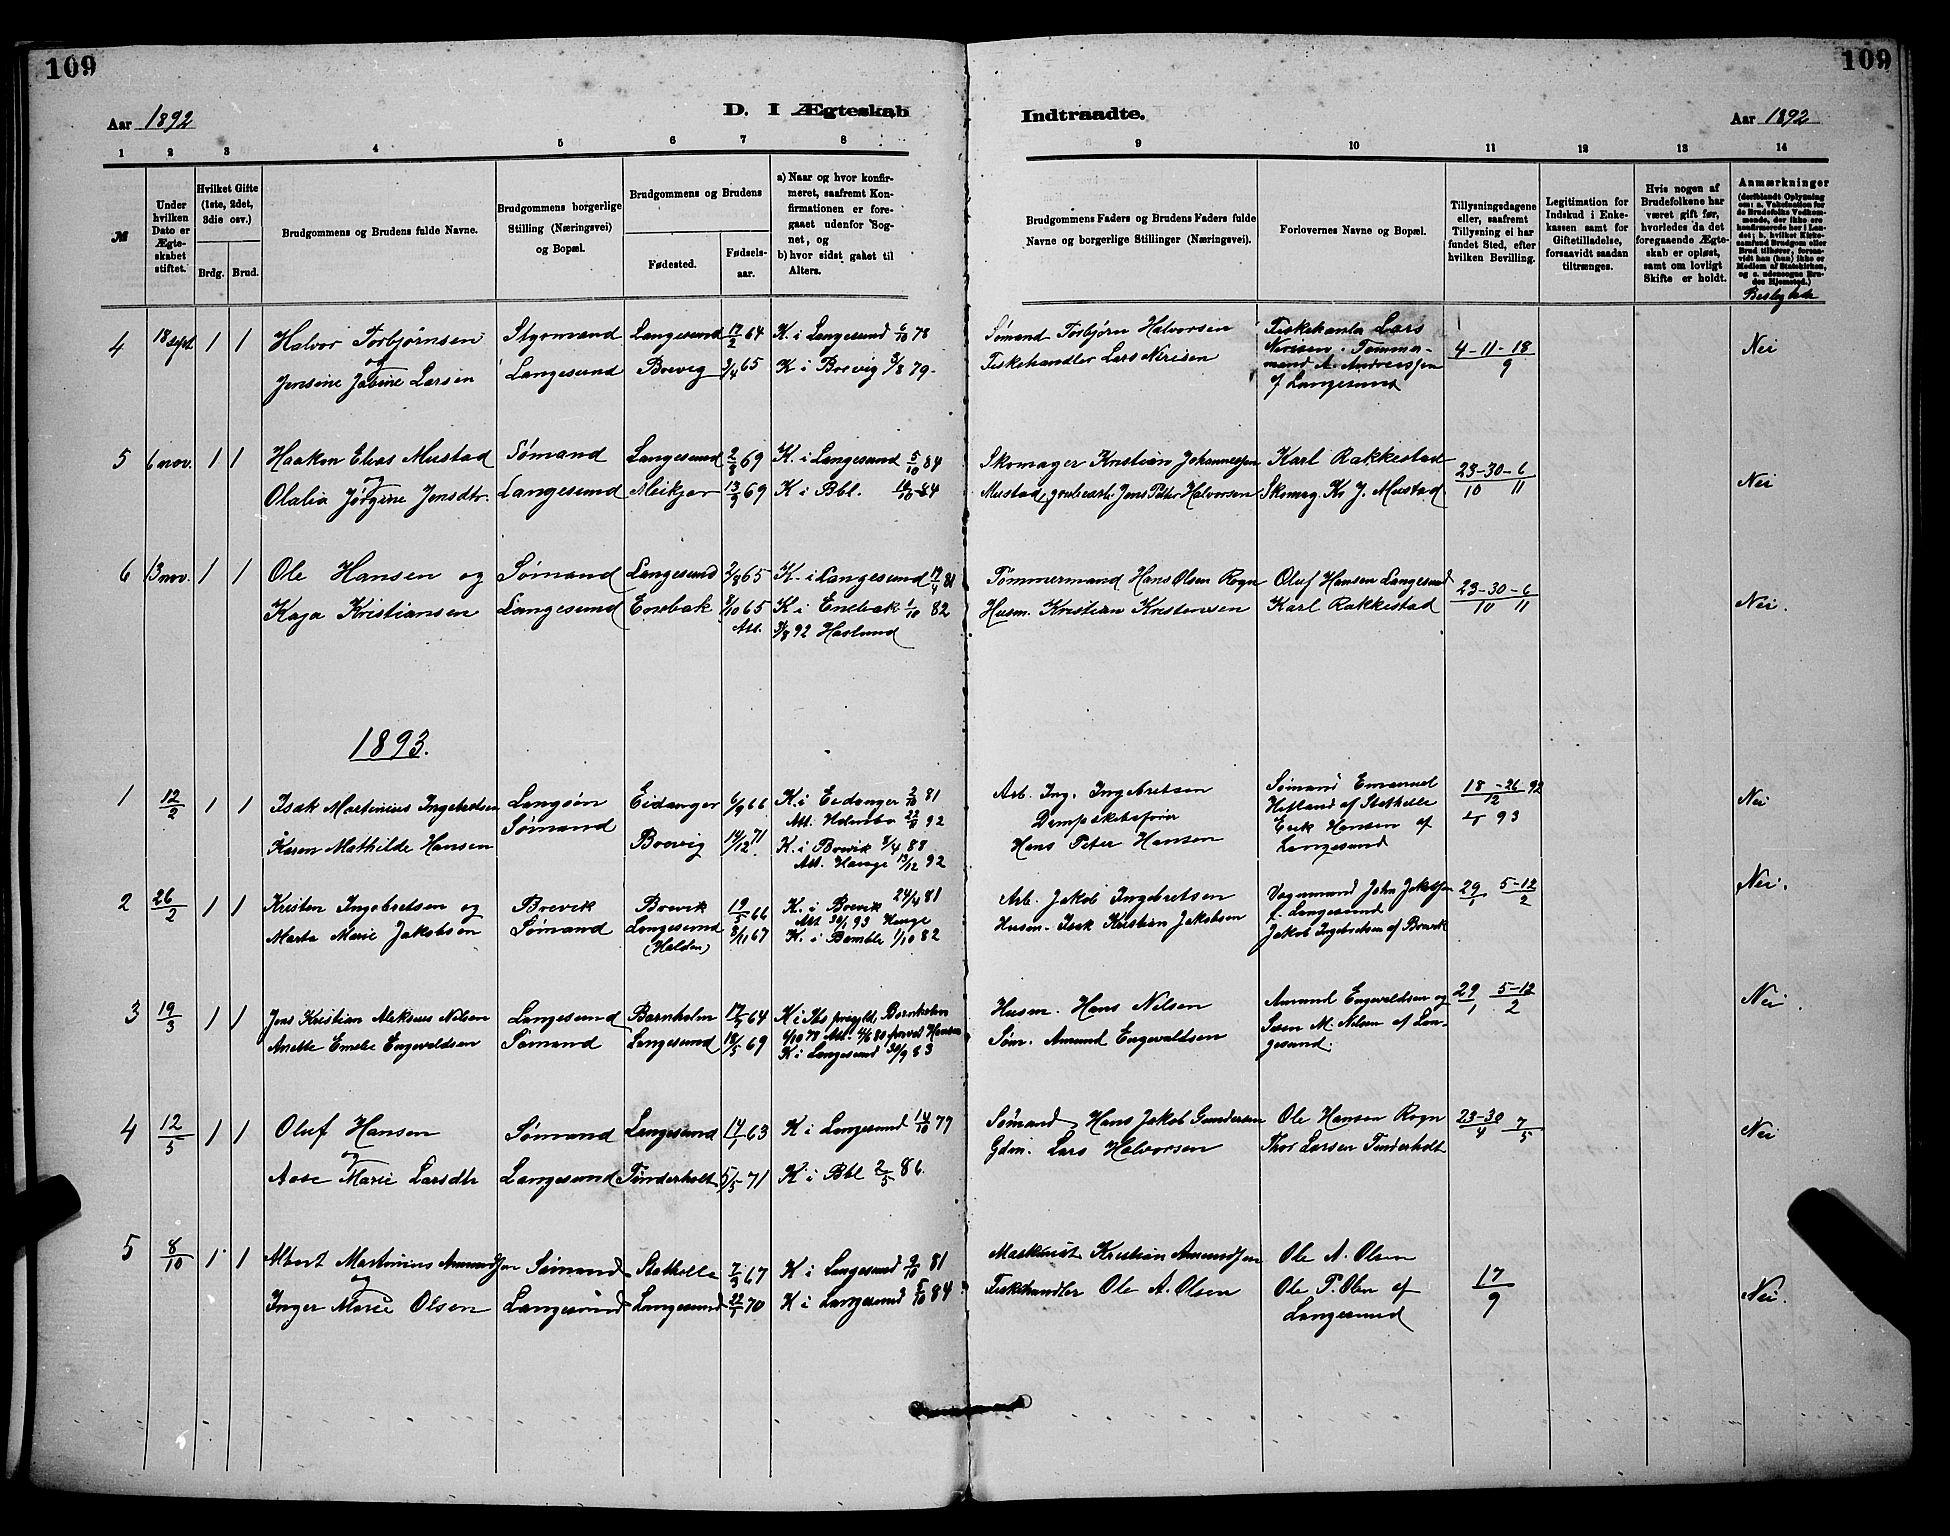 SAKO, Langesund kirkebøker, G/Ga/L0005: Klokkerbok nr. 5, 1884-1898, s. 109